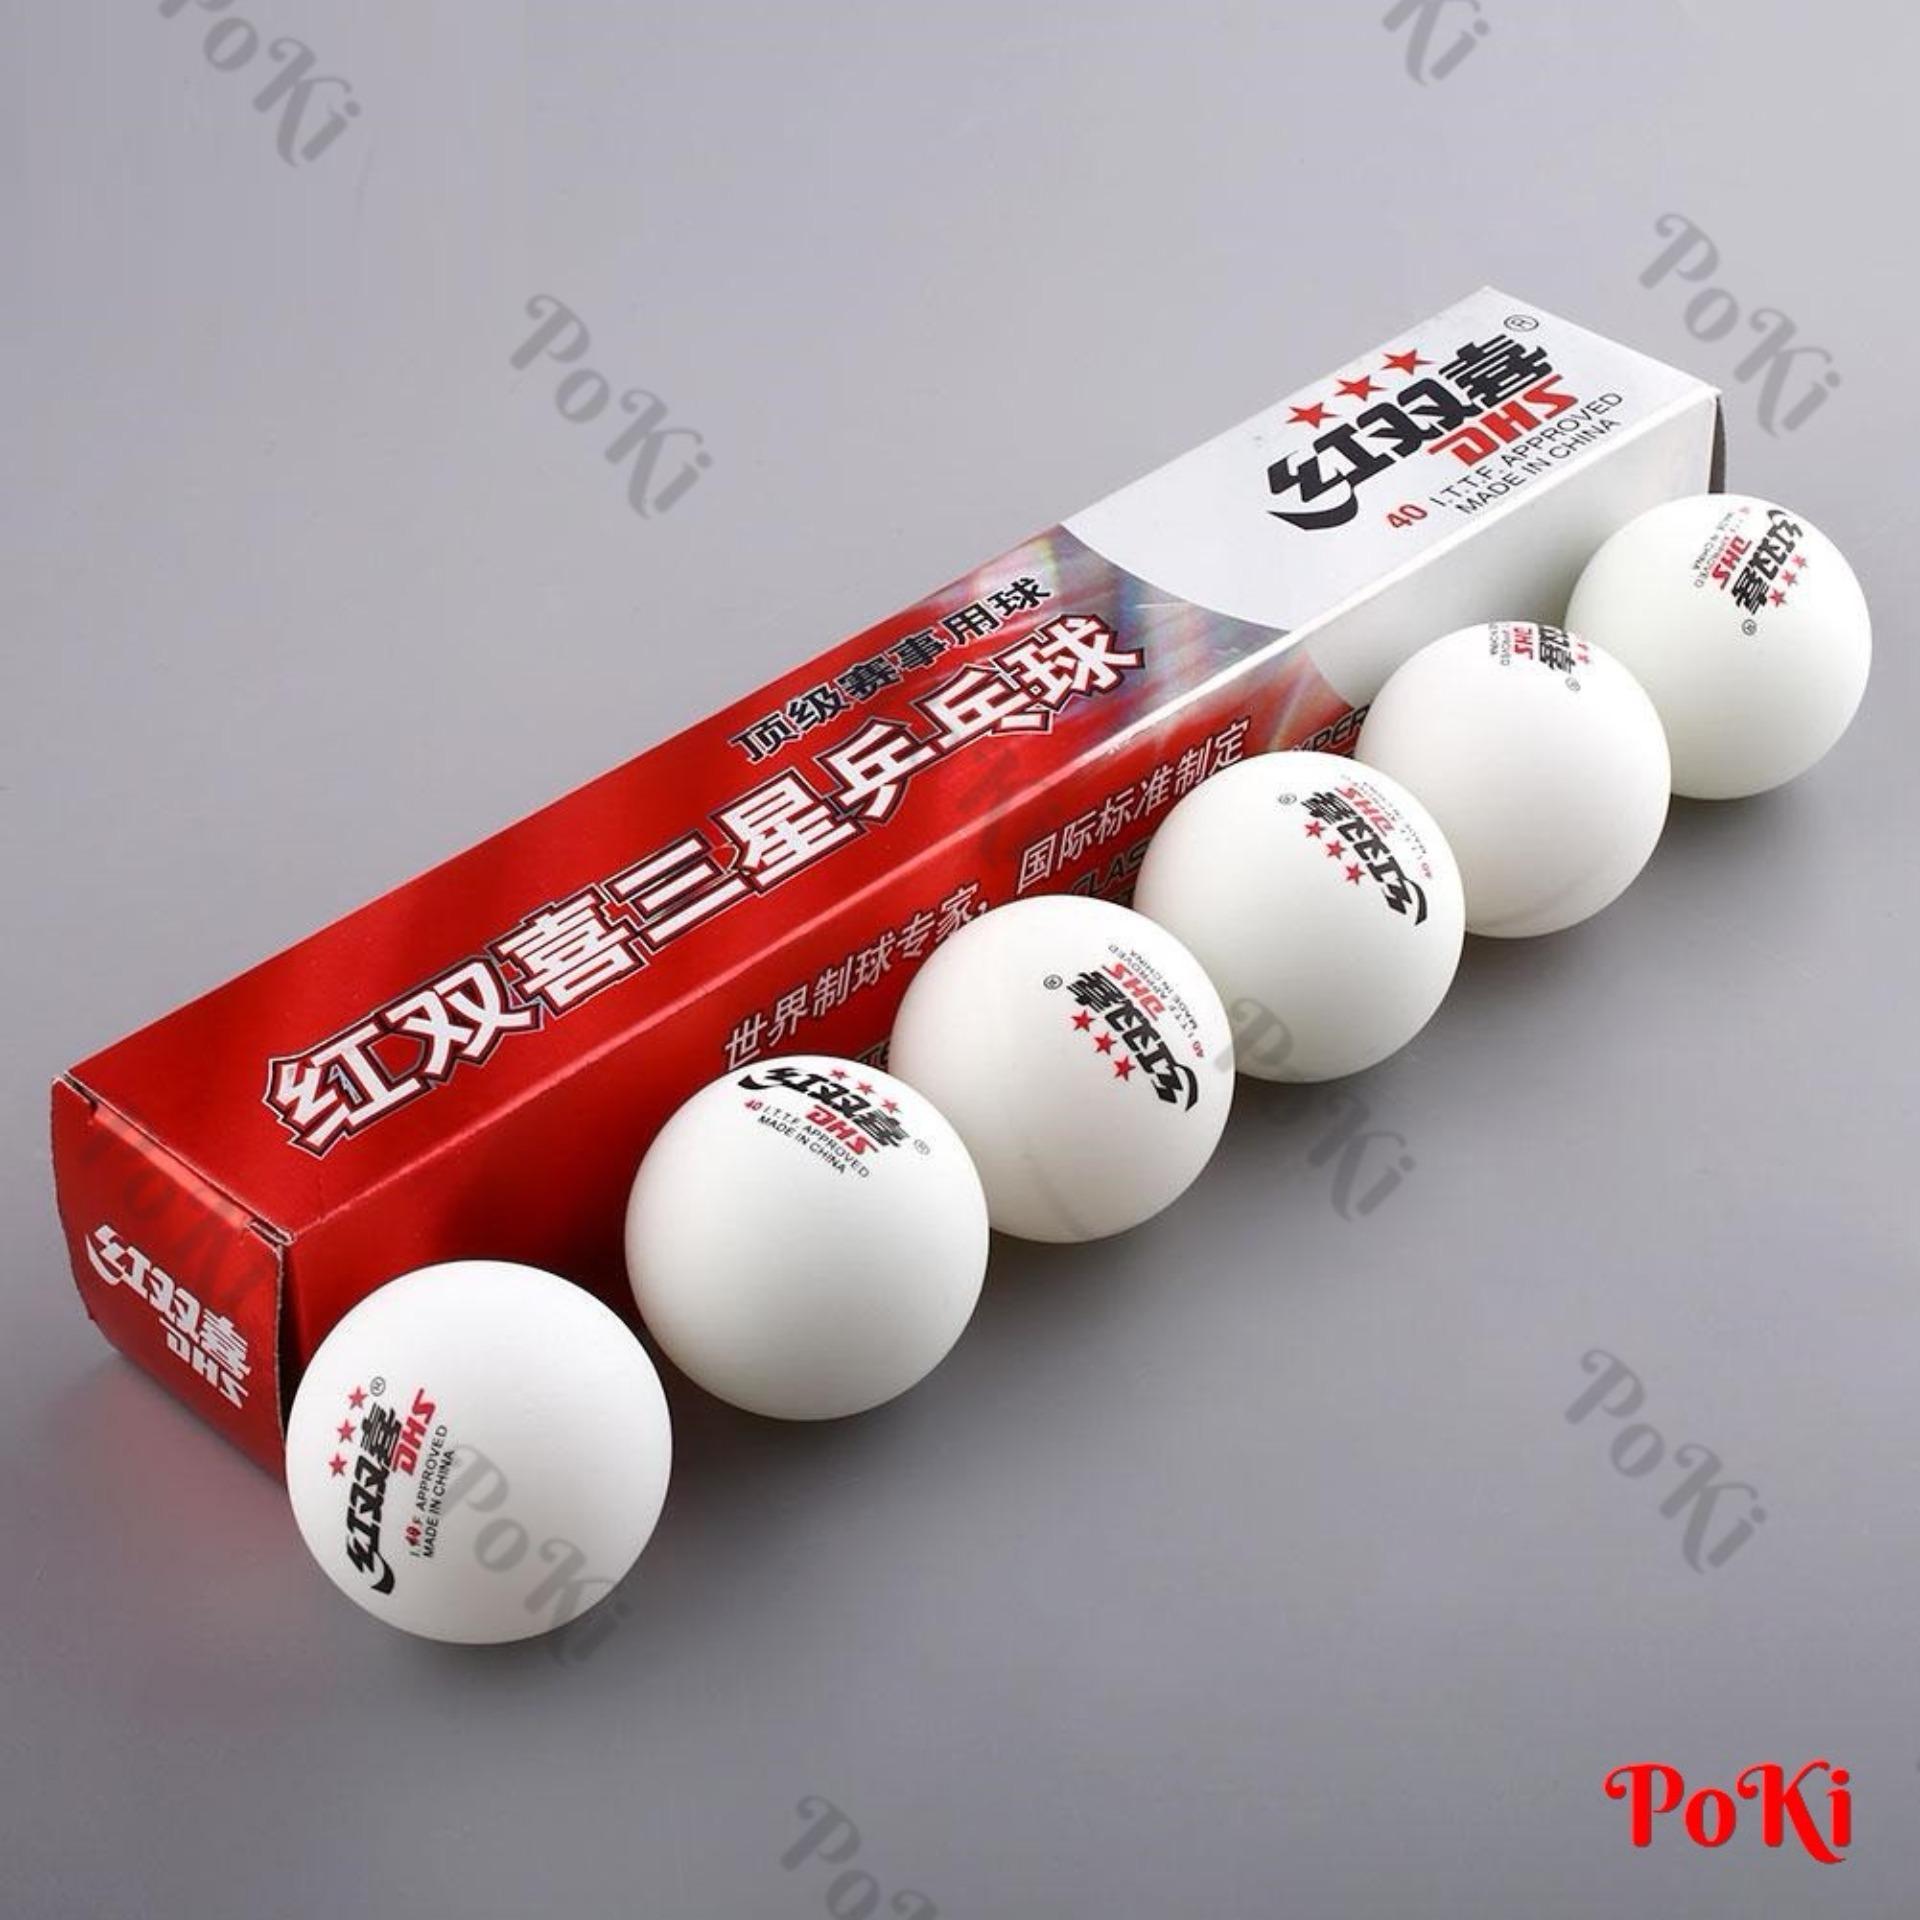 Vì sao mua Quả bóng bàn DHS, Hộp dài 6 quả; 3 sao 40 TRẮNG; chất liệu cao cấp